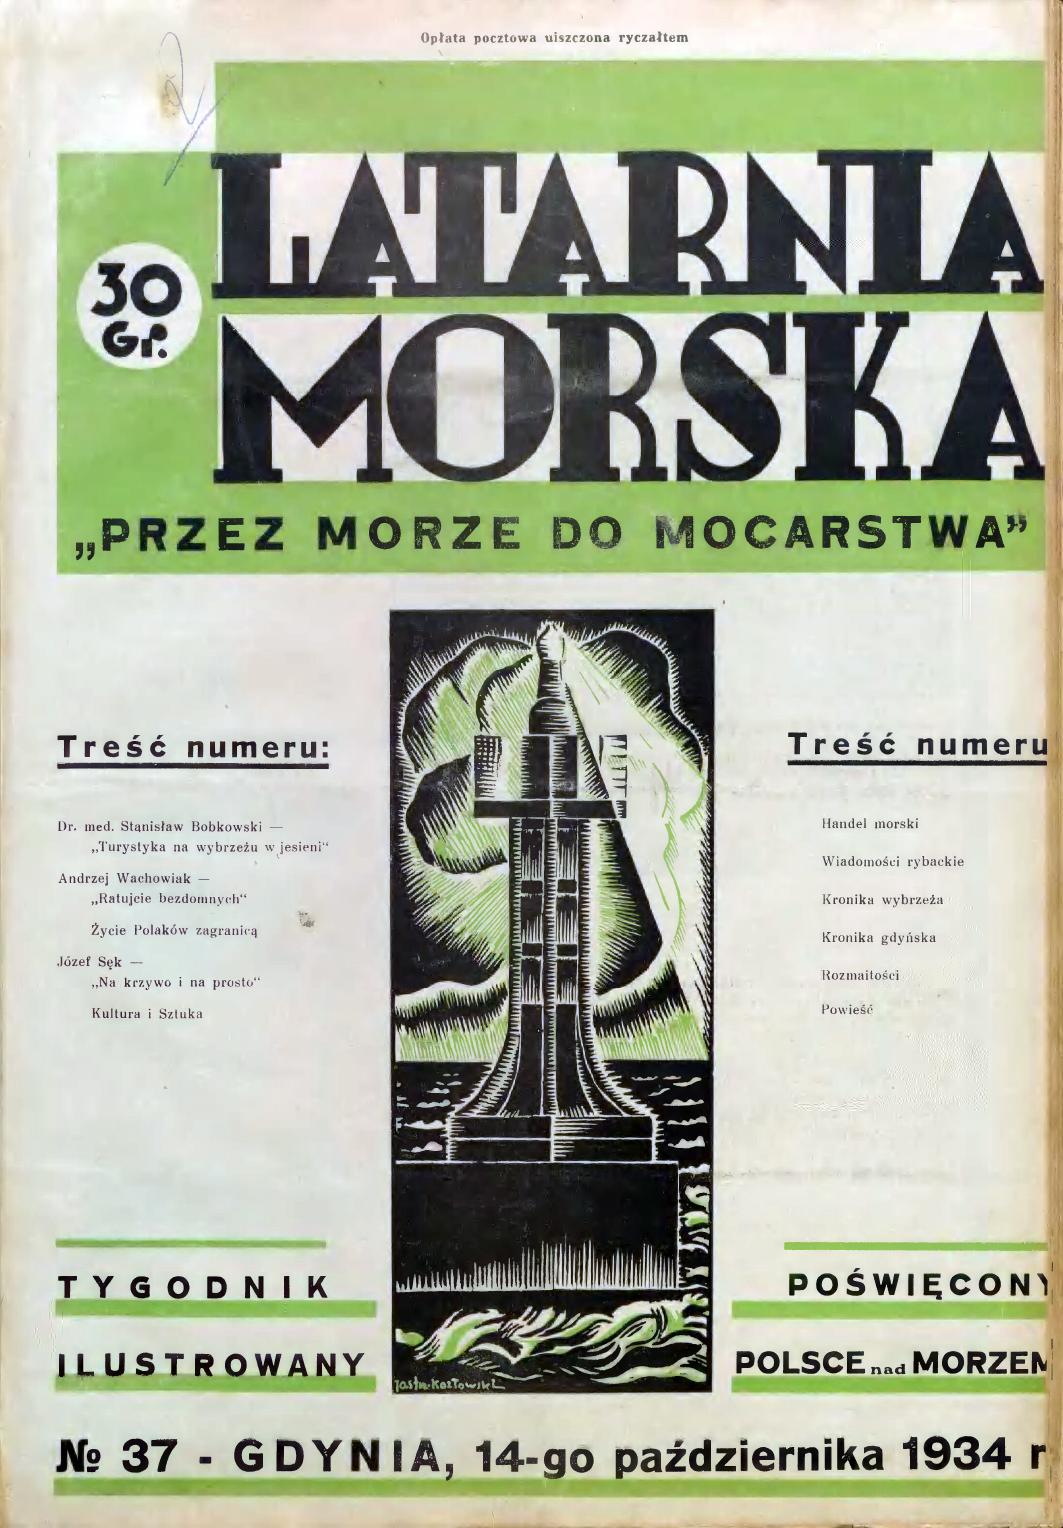 Latarnia Morska: tygodnik ilustrowany poświęcony Polsce nad morzem. – Gdynia : Balto Polak – Zakłady Graficzne i Wydawnicze, 1934, nr 37